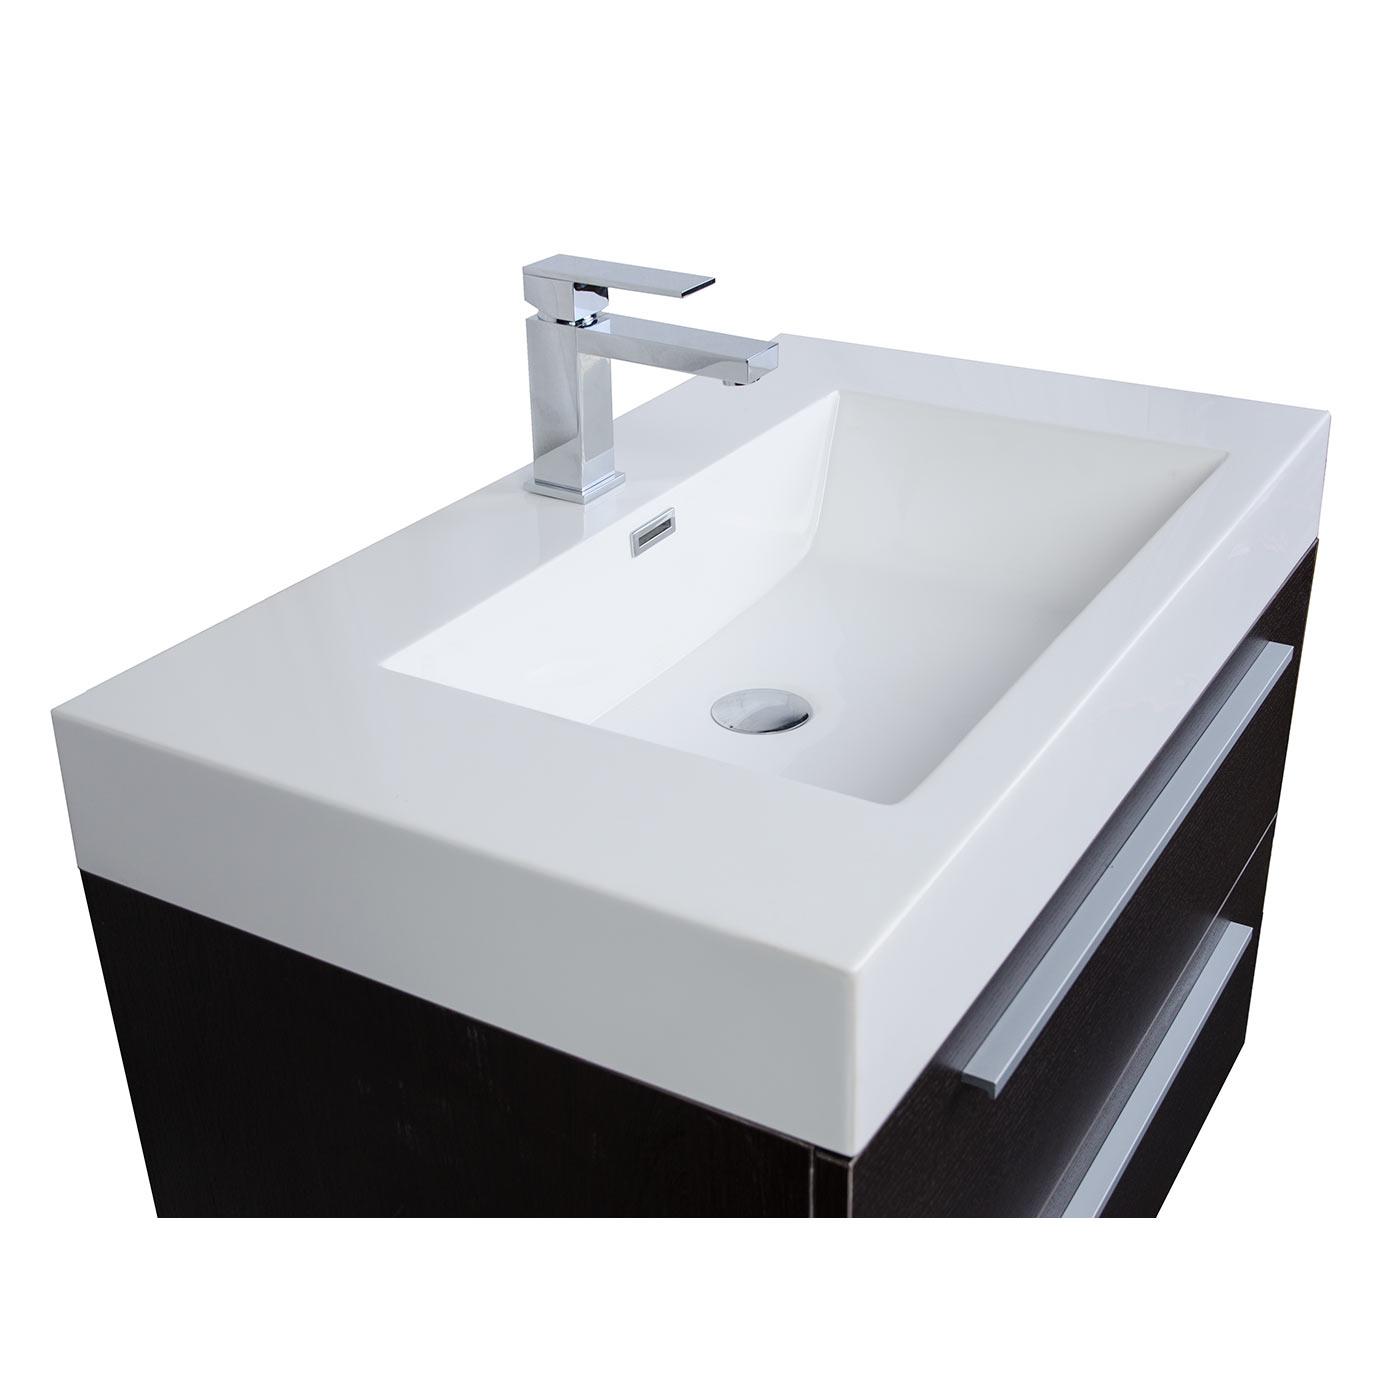 31 5 inch wall mount contemporary bathroom vanity mirror set espresso